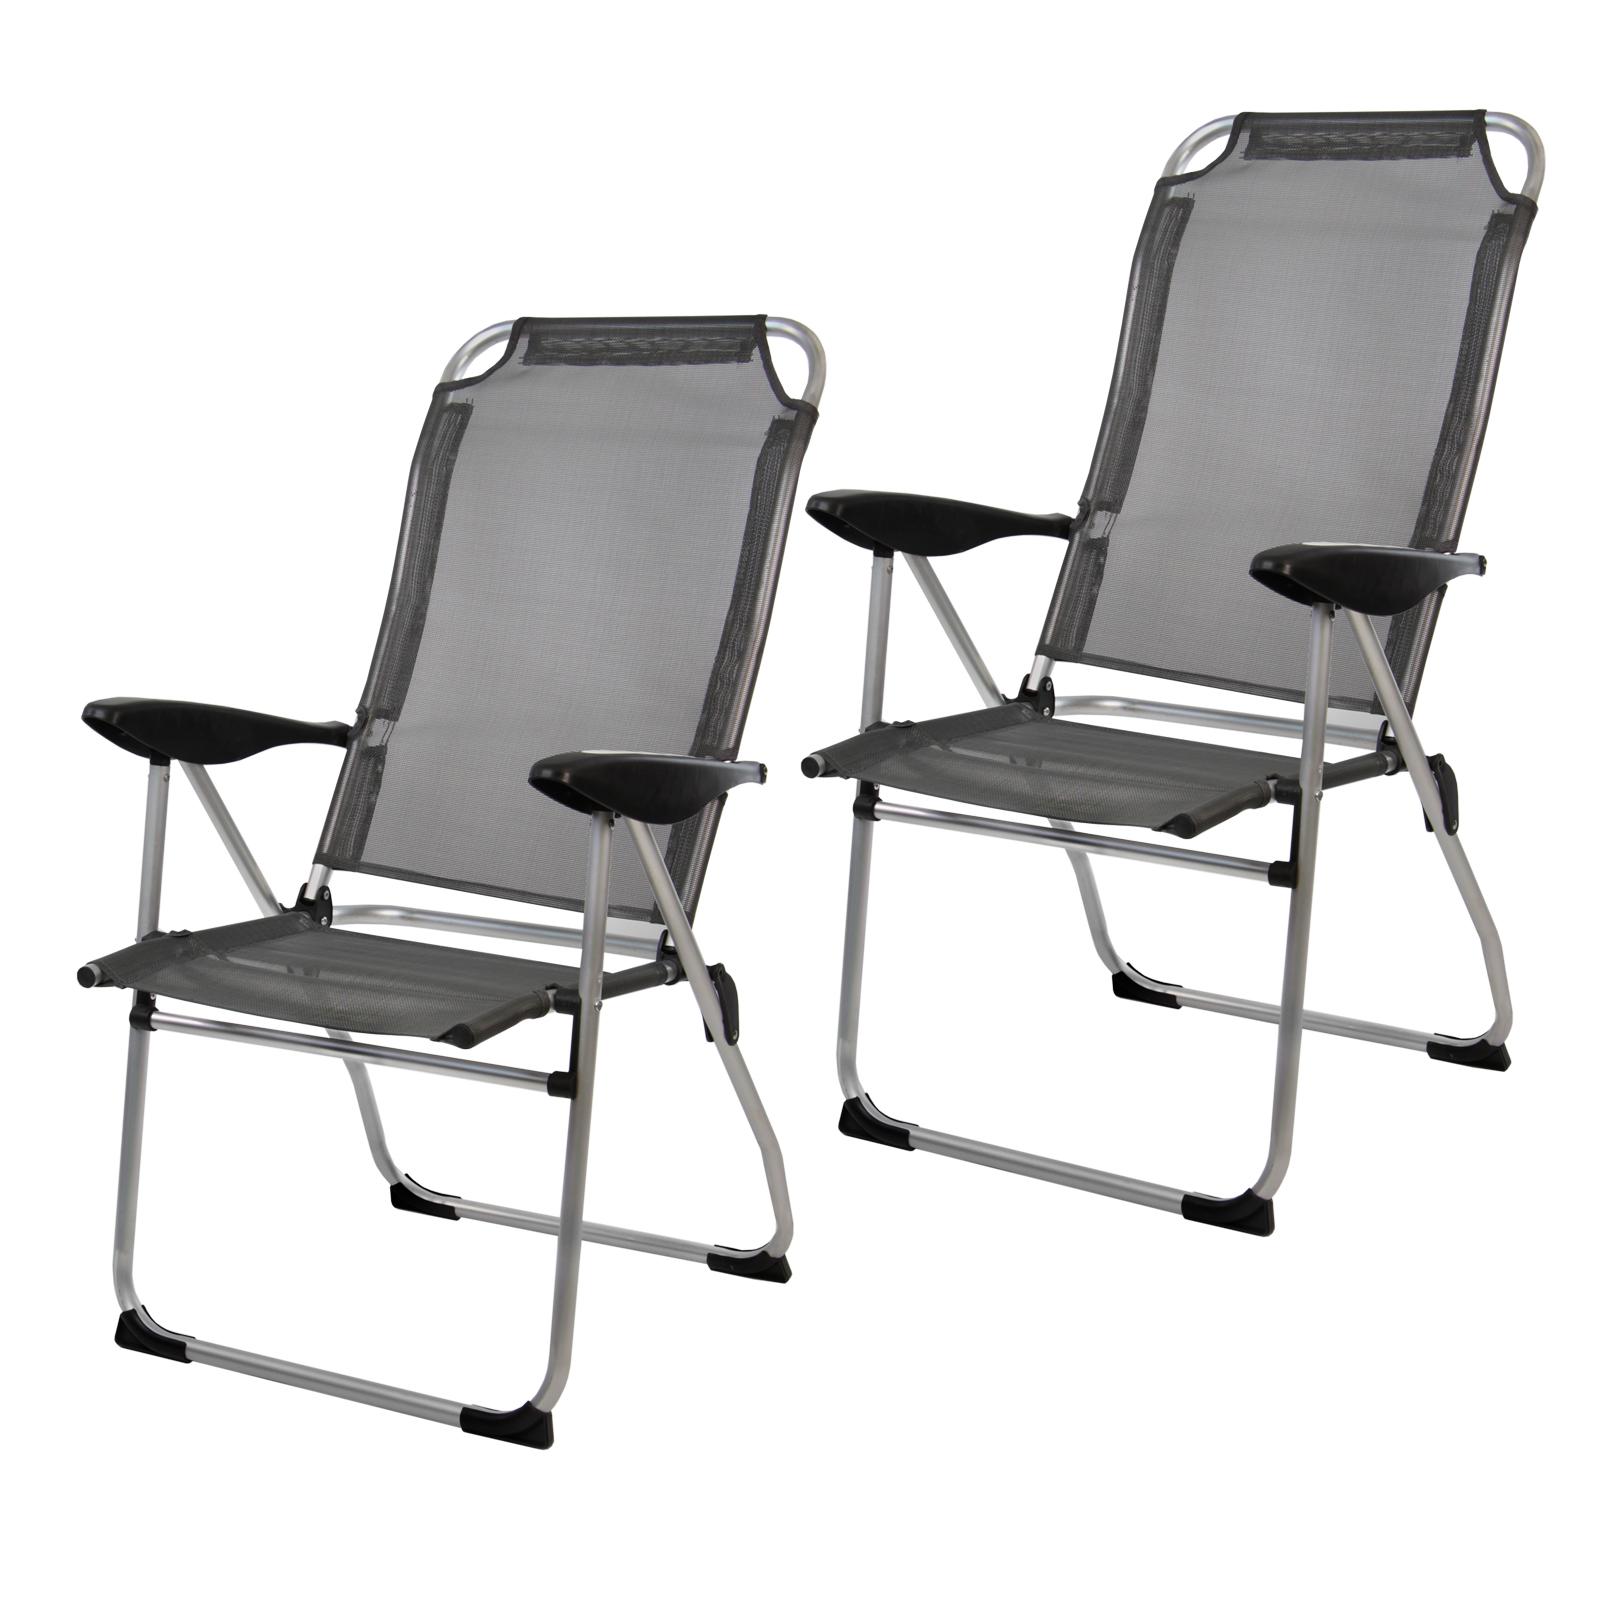 gartenstuhl campingstuhl alu klappstuhl sanja hochlehner einzeln 2er 4er set ebay. Black Bedroom Furniture Sets. Home Design Ideas